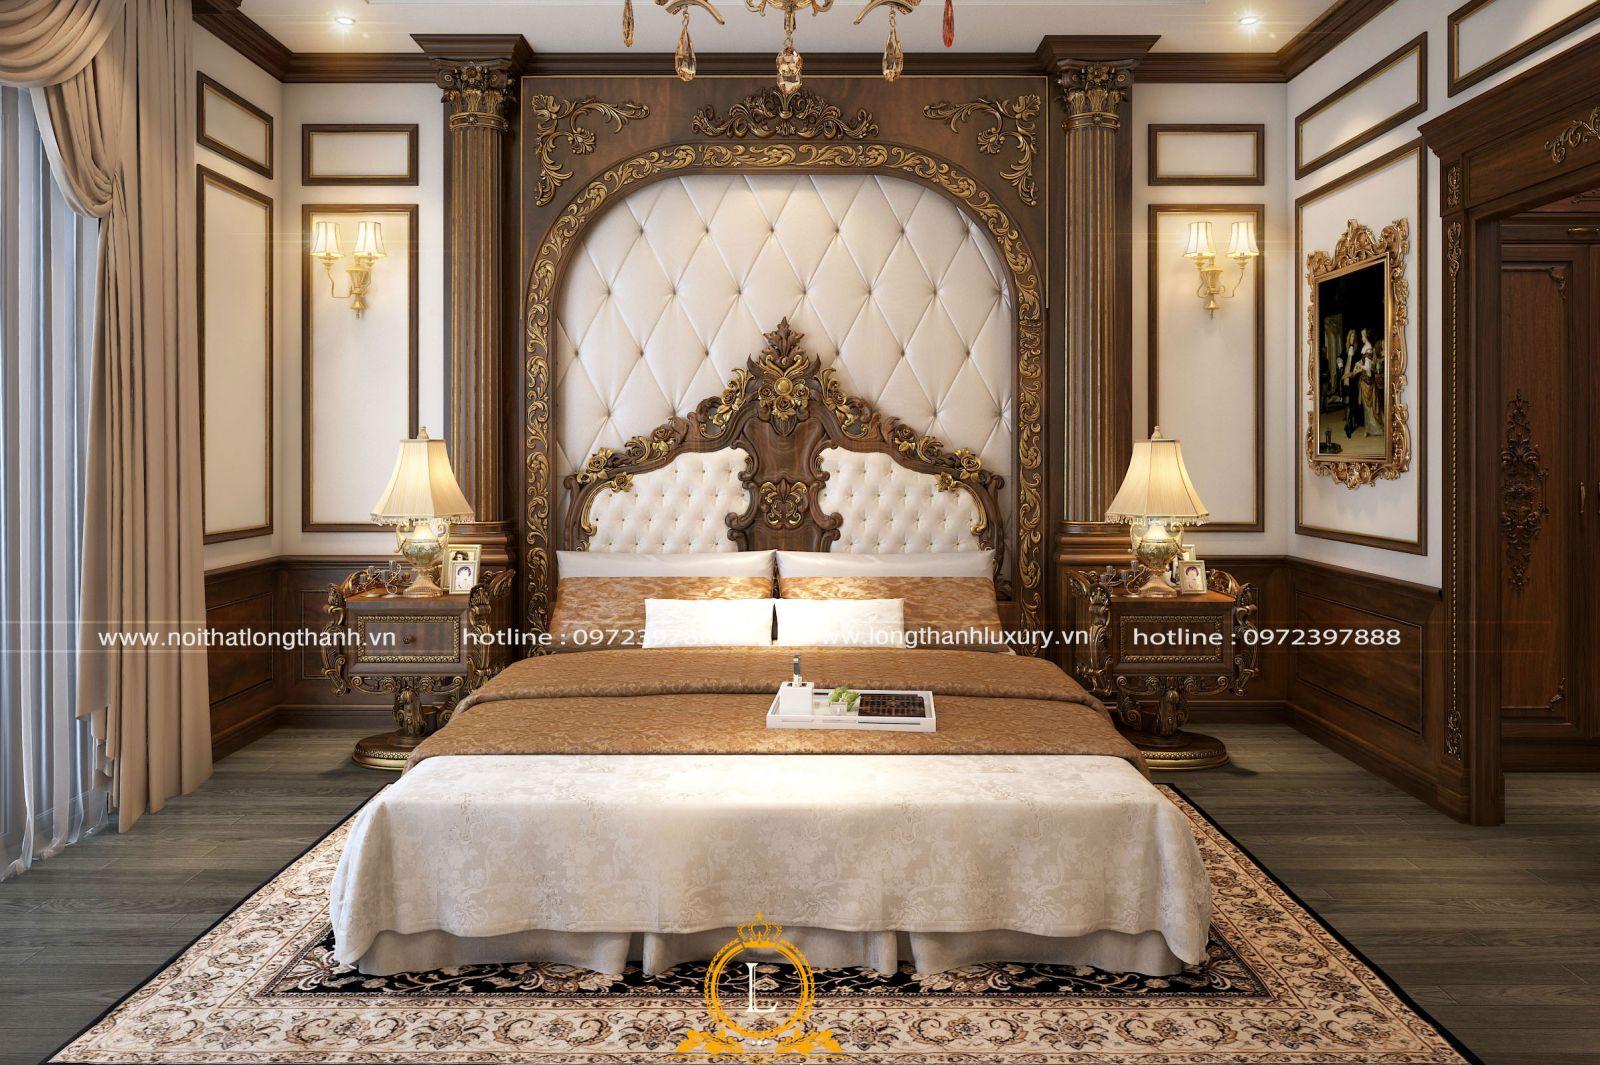 Phong cách nội thất phòng ngủ dát vàng tân cổ điển sang trọng